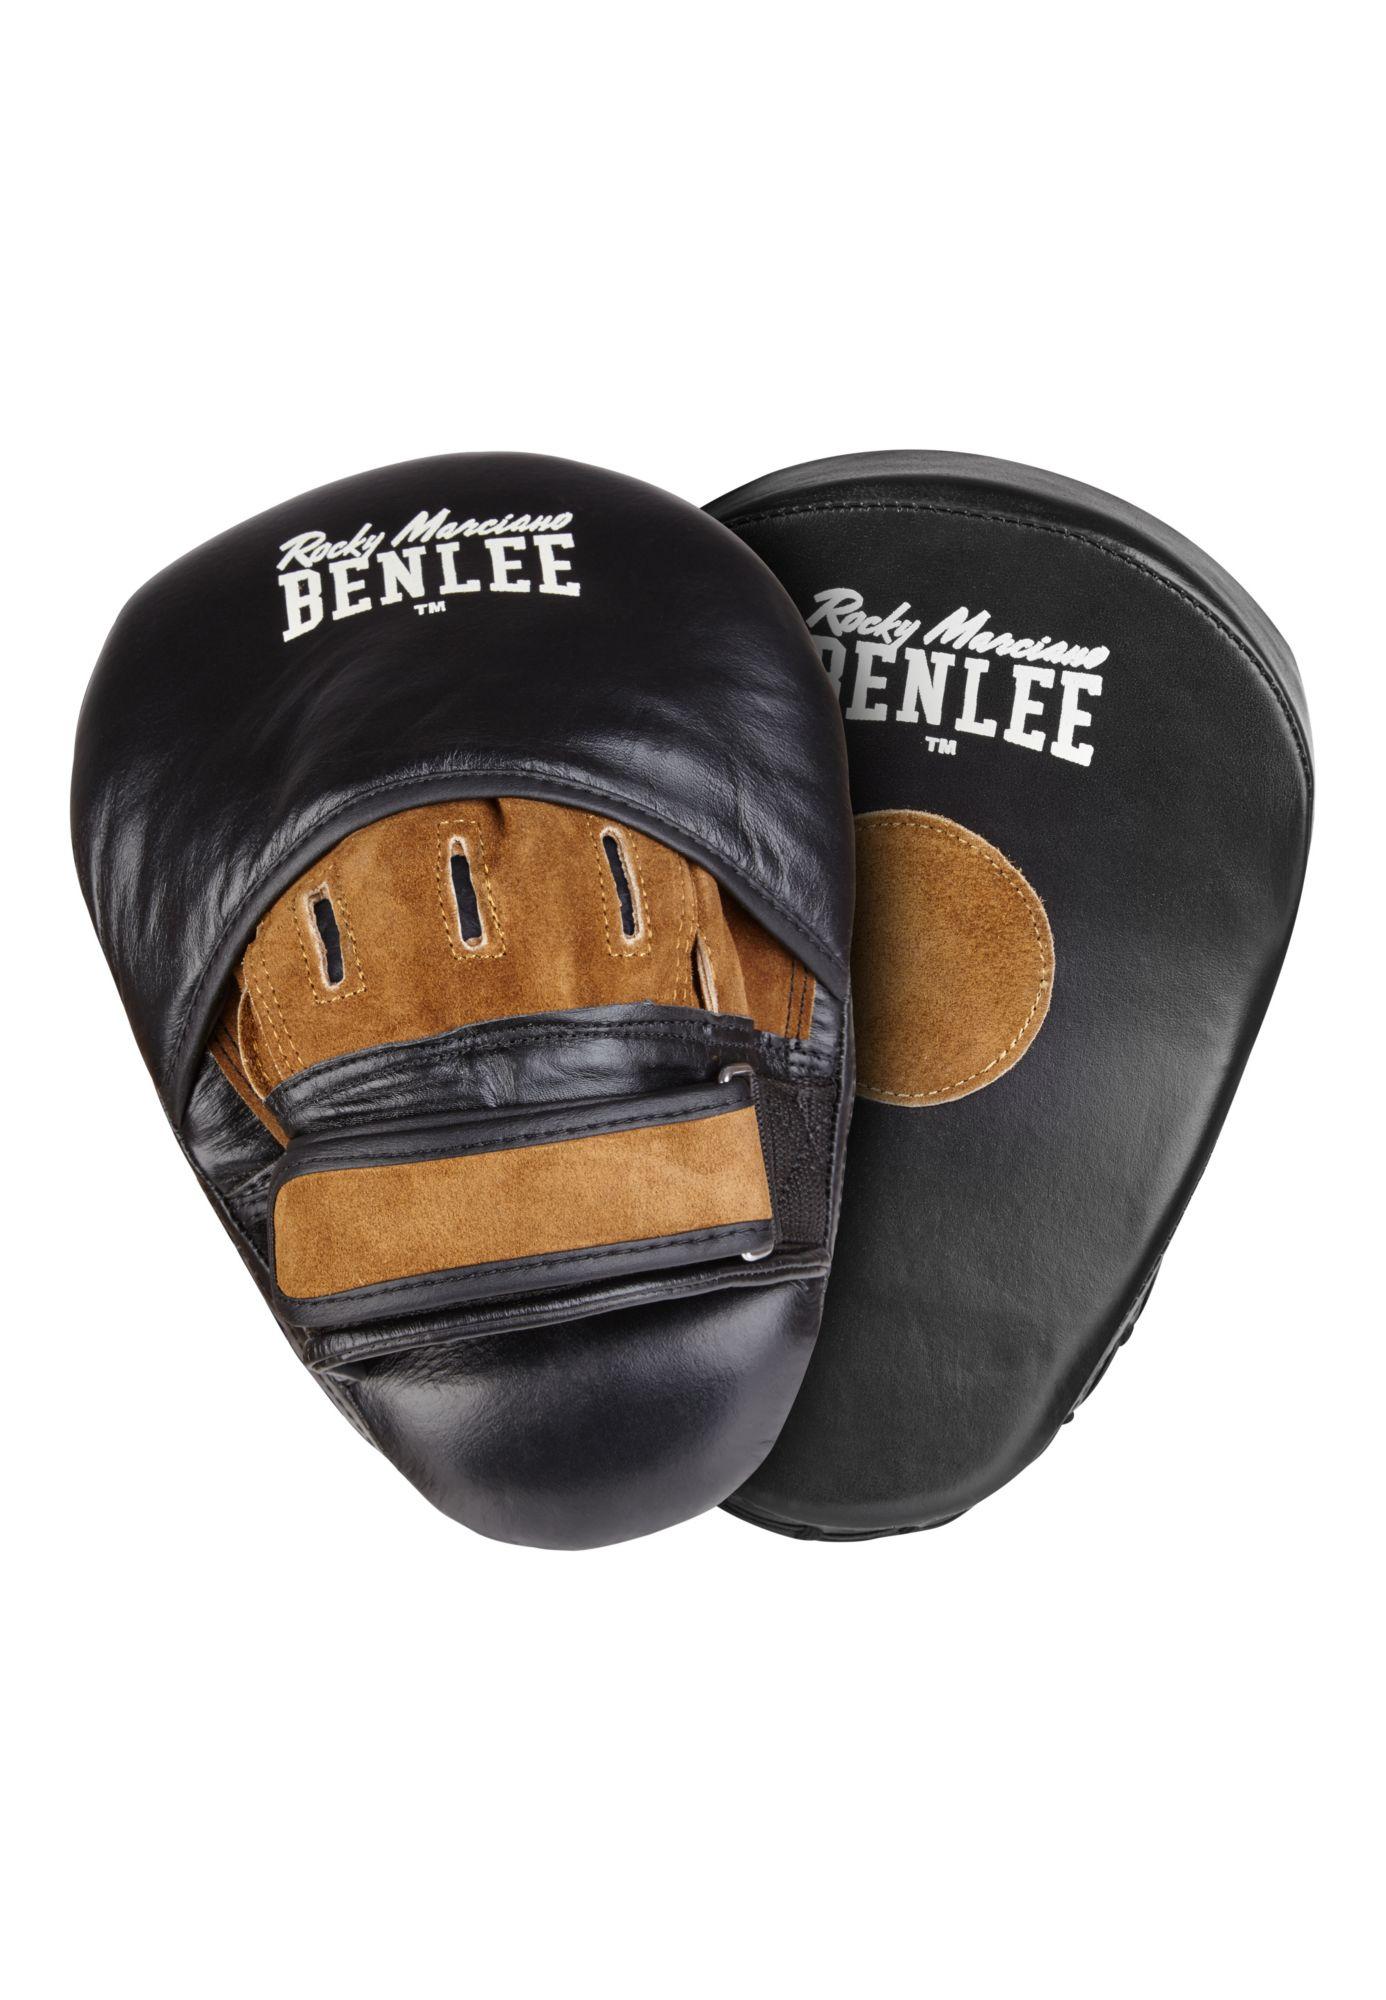 BENLEE ROCKY MARCIANO Benlee Rocky Marciano Pads »MOORE«